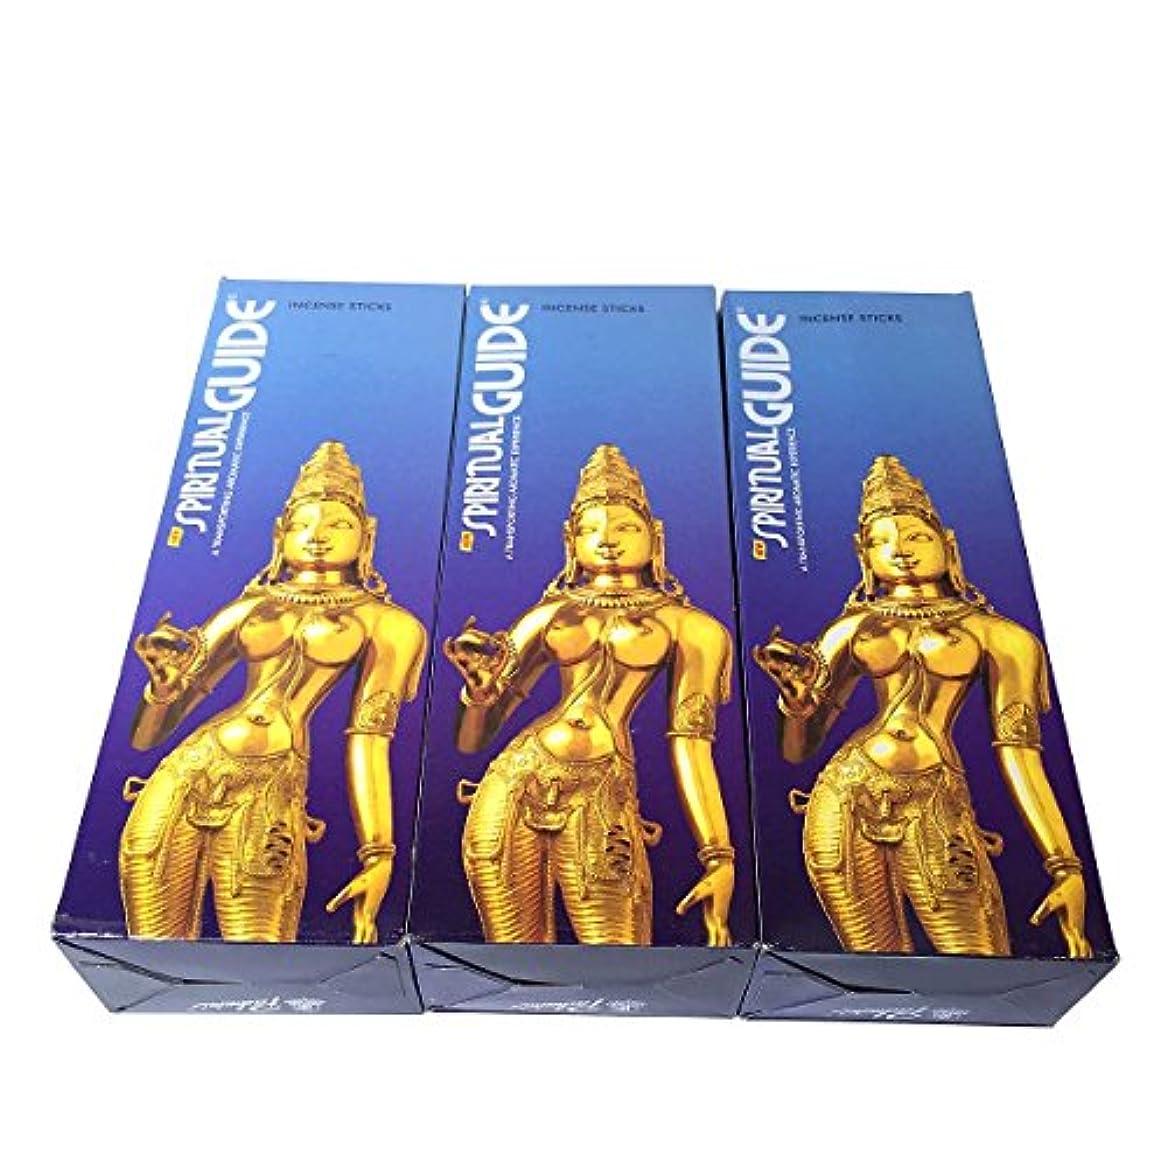 ジャニスバトル一スピリチュアルガイド香スティック 3BOX(18箱) /PADMINI SPIRITUALGUIDE/インセンス/インド香 お香 [並行輸入品]